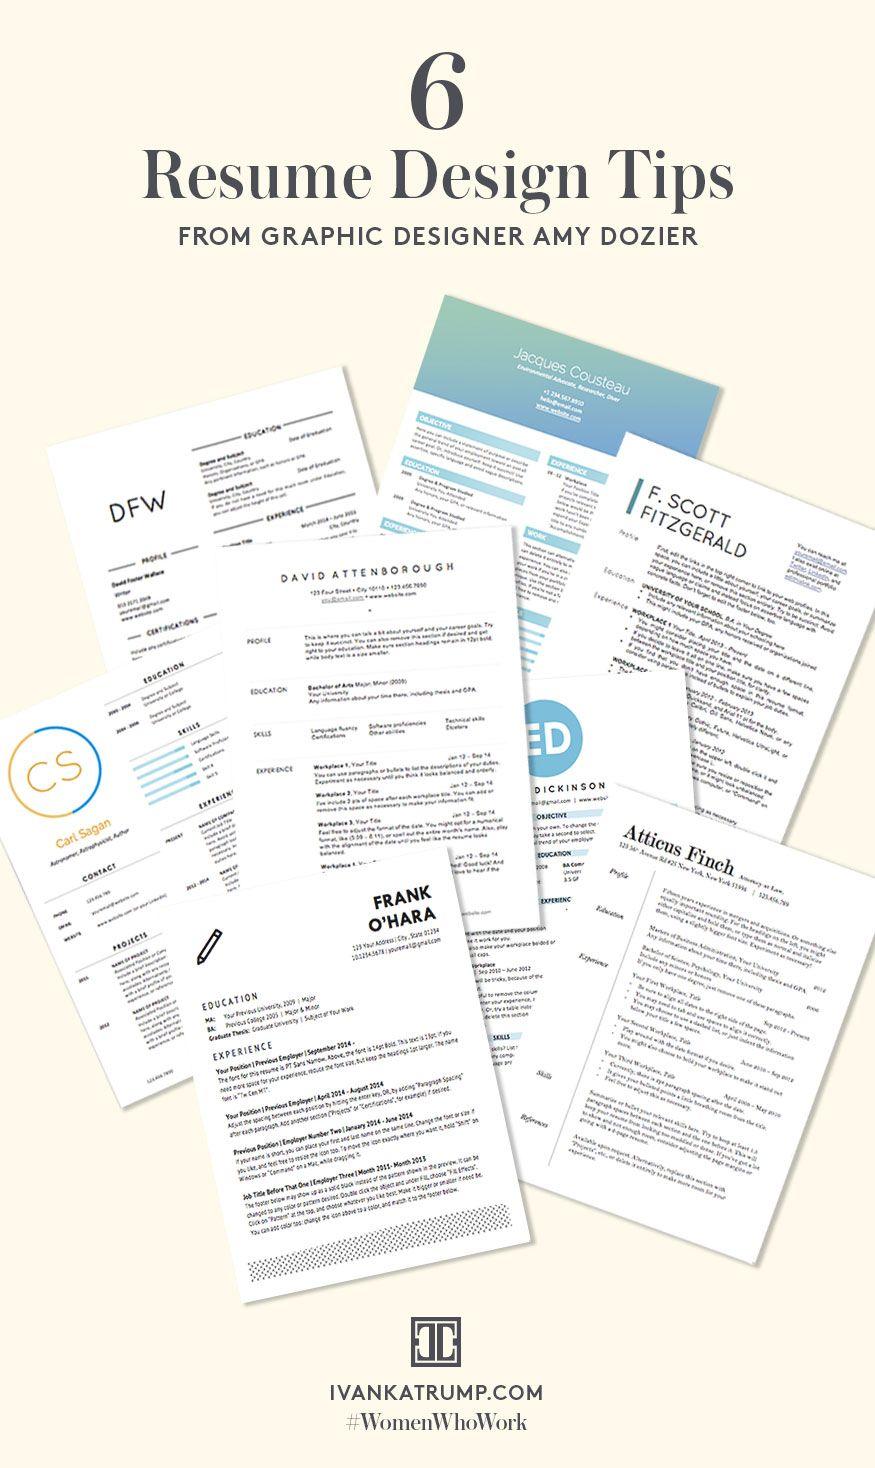 6 Resume Design Tips